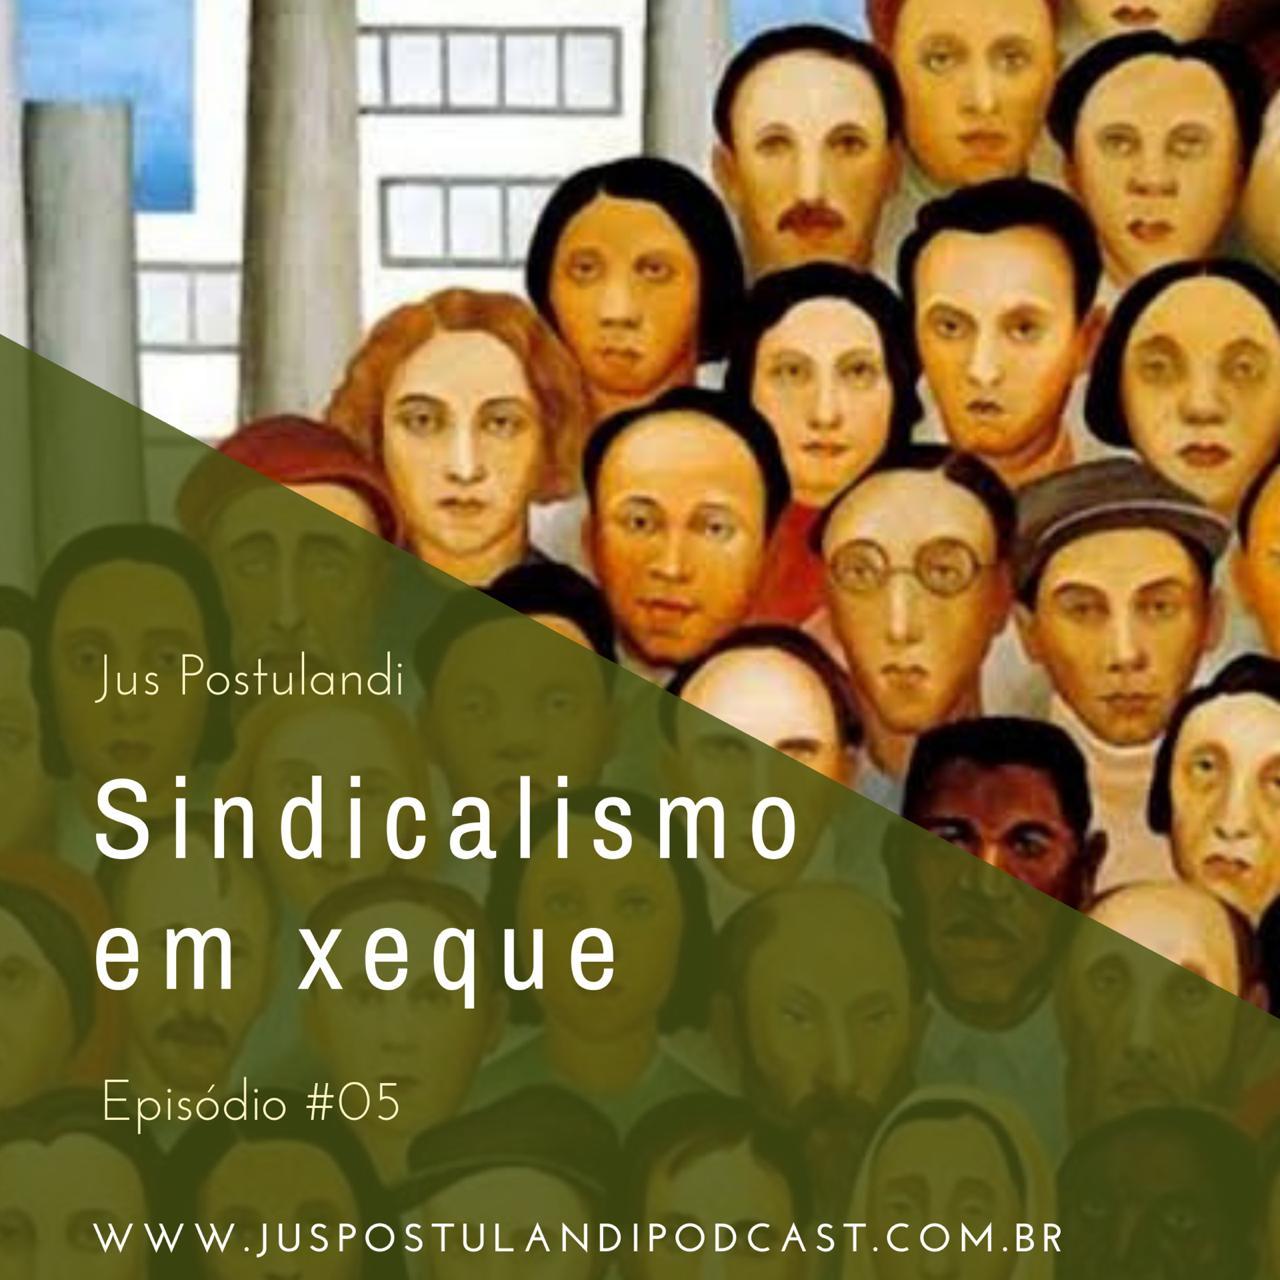 Sindicalismo em xeque